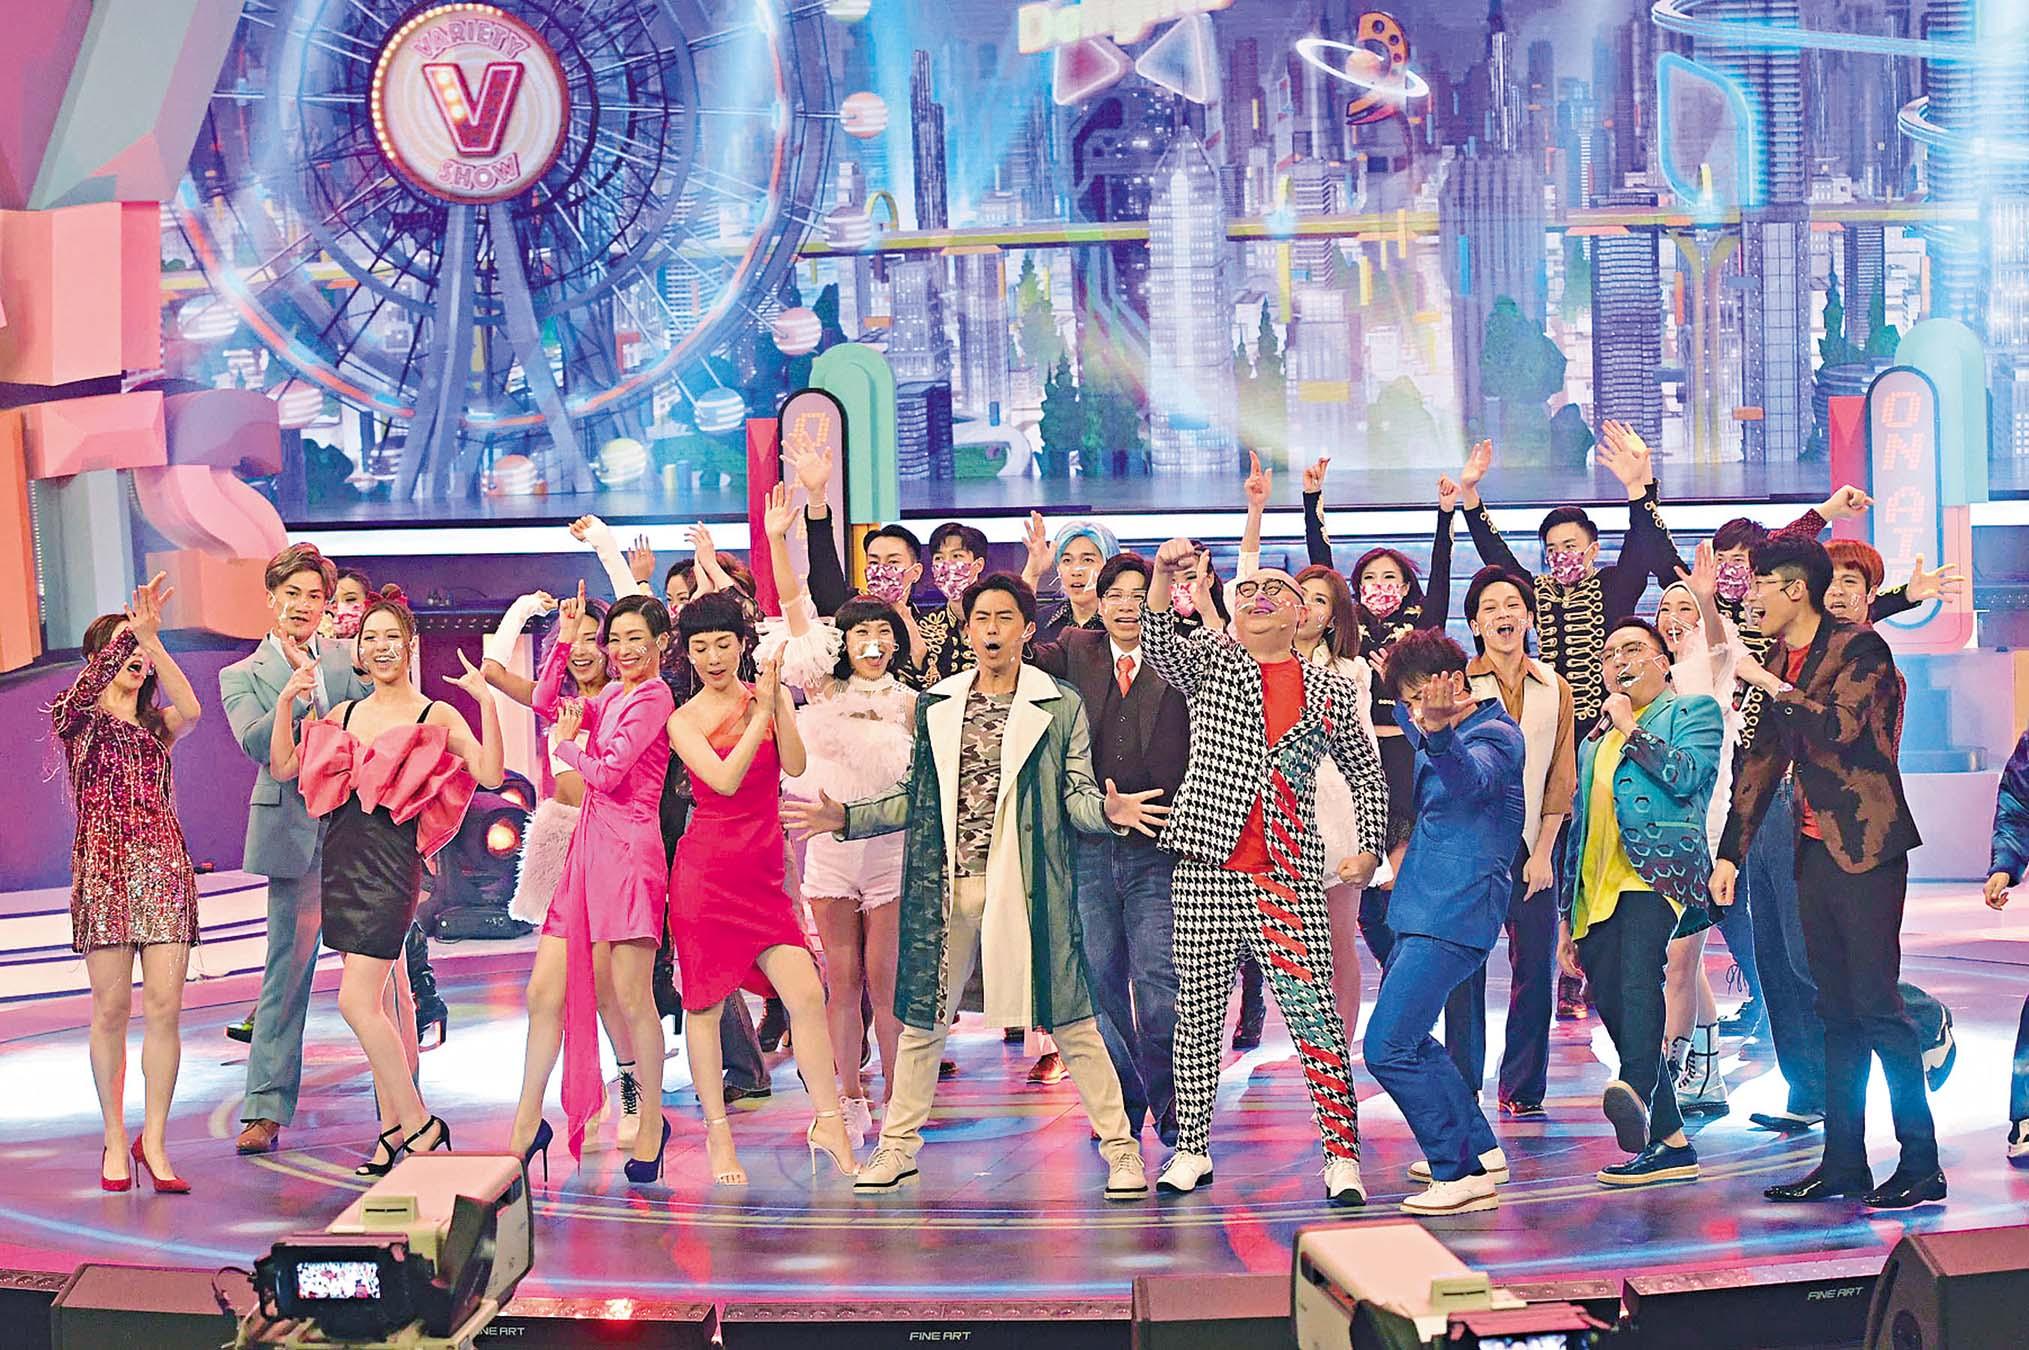 《開心大綜藝》是志偉回無綫後打 造的其中一個重要節目,首集邀請大 班藝人熱鬧開場。